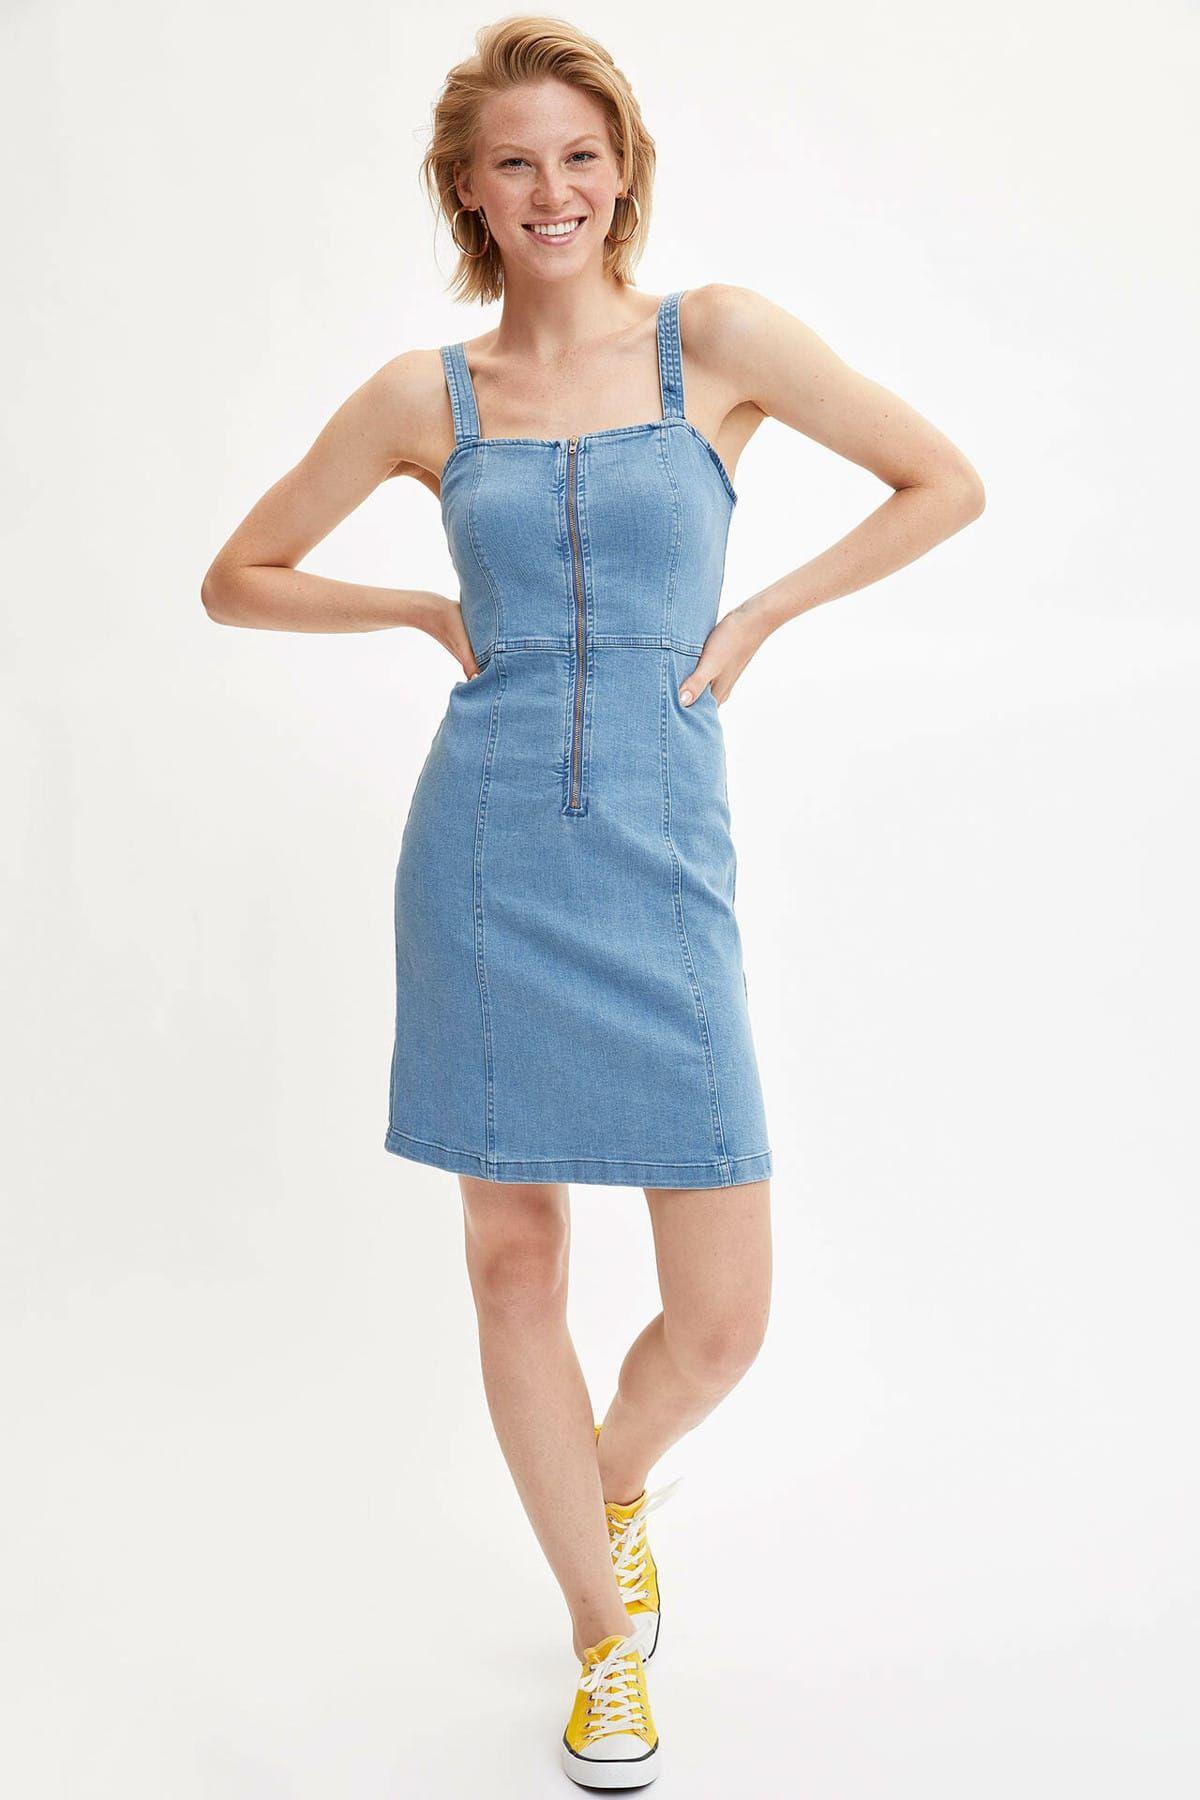 Online Alisveris Sitesi Turkiye Nin Trend Yolu Trendyol Elbise Kadin Moda Stilleri